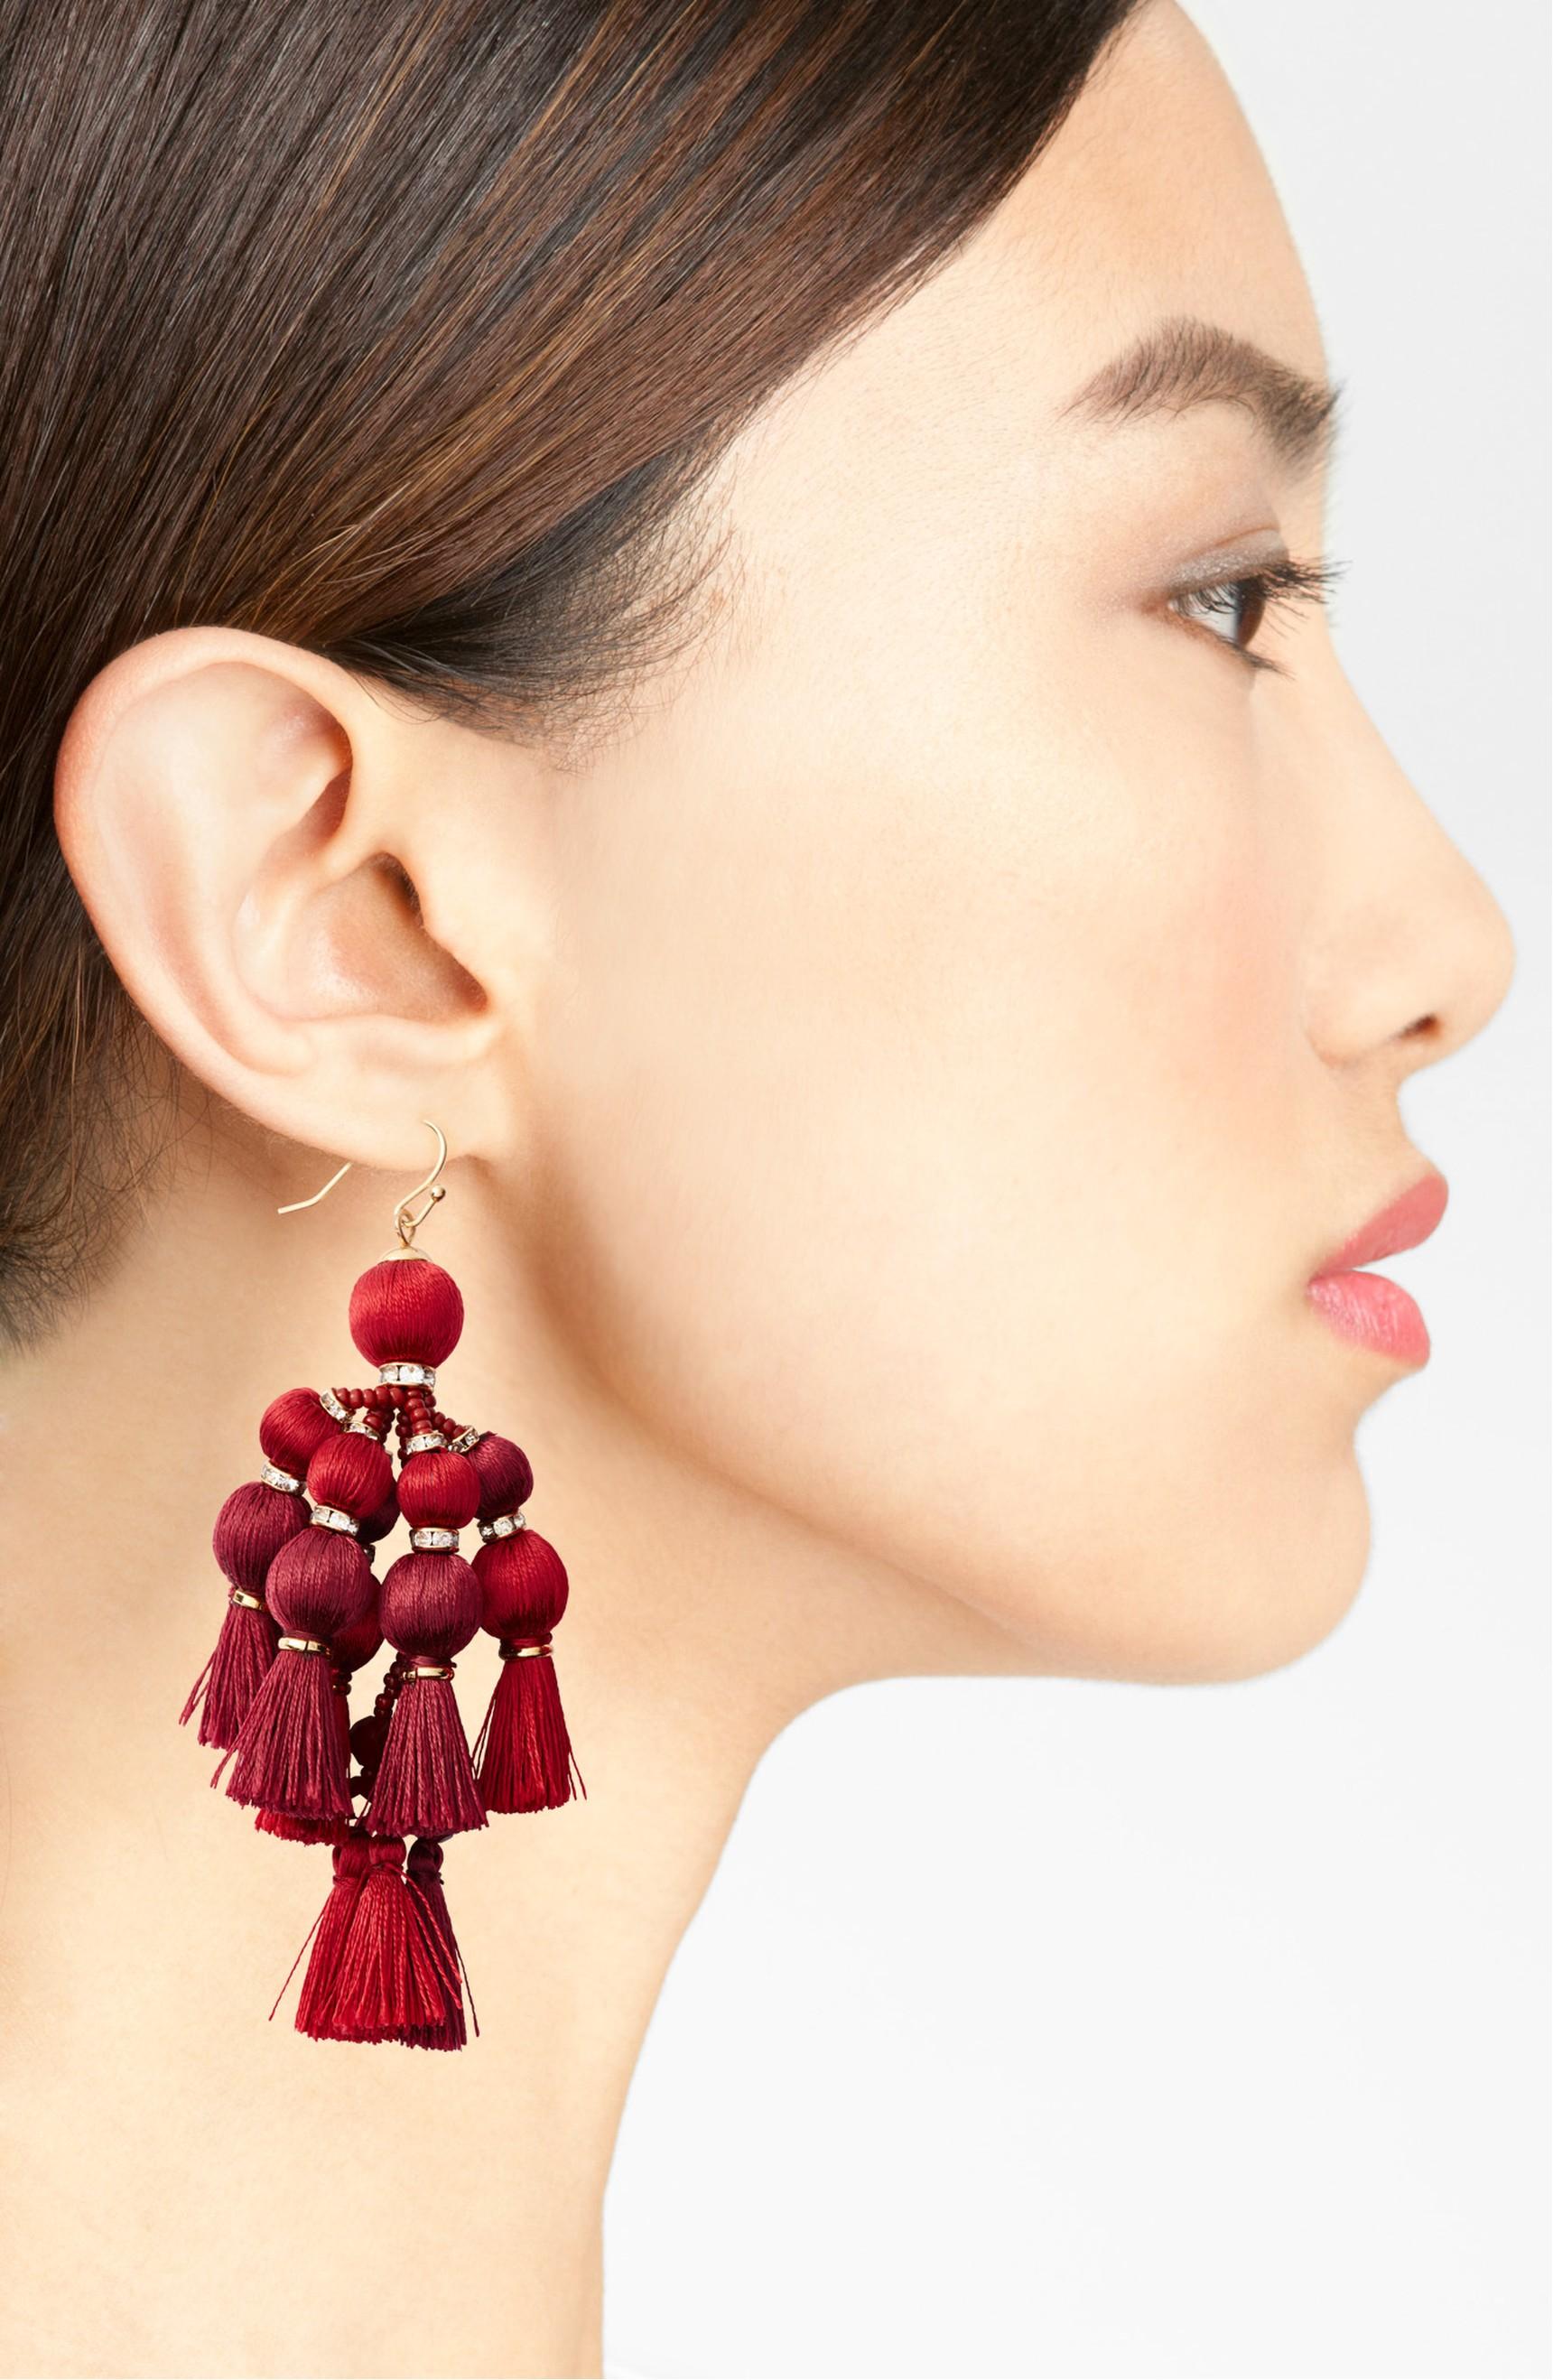 Kate Spade Pretty Pom Tassel Earrings